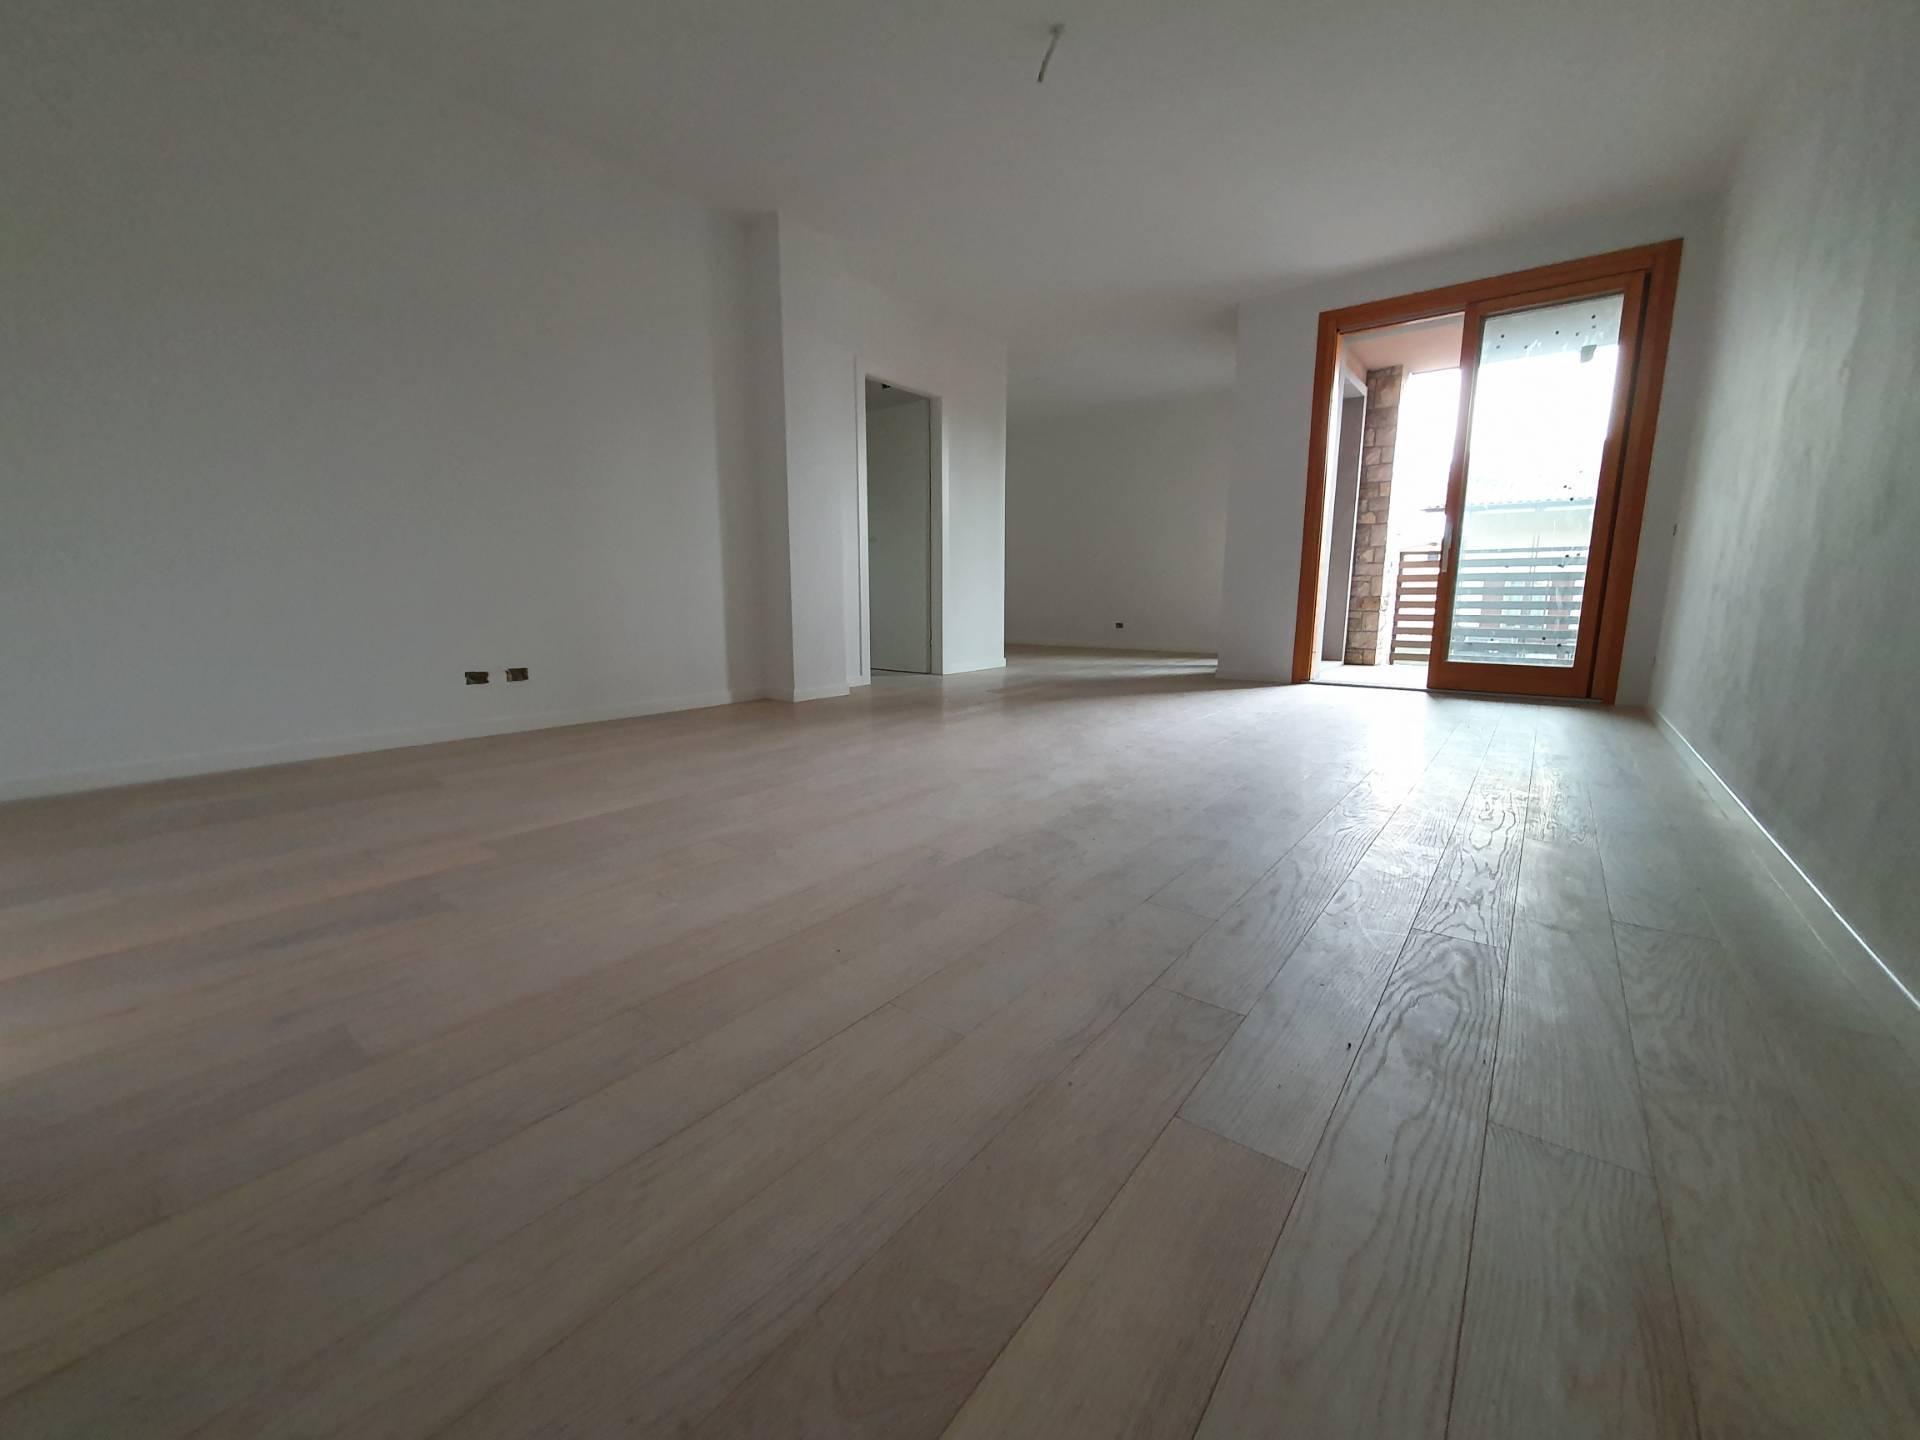 Appartamento in vendita a Scanzorosciate, 4 locali, prezzo € 295.000 | PortaleAgenzieImmobiliari.it